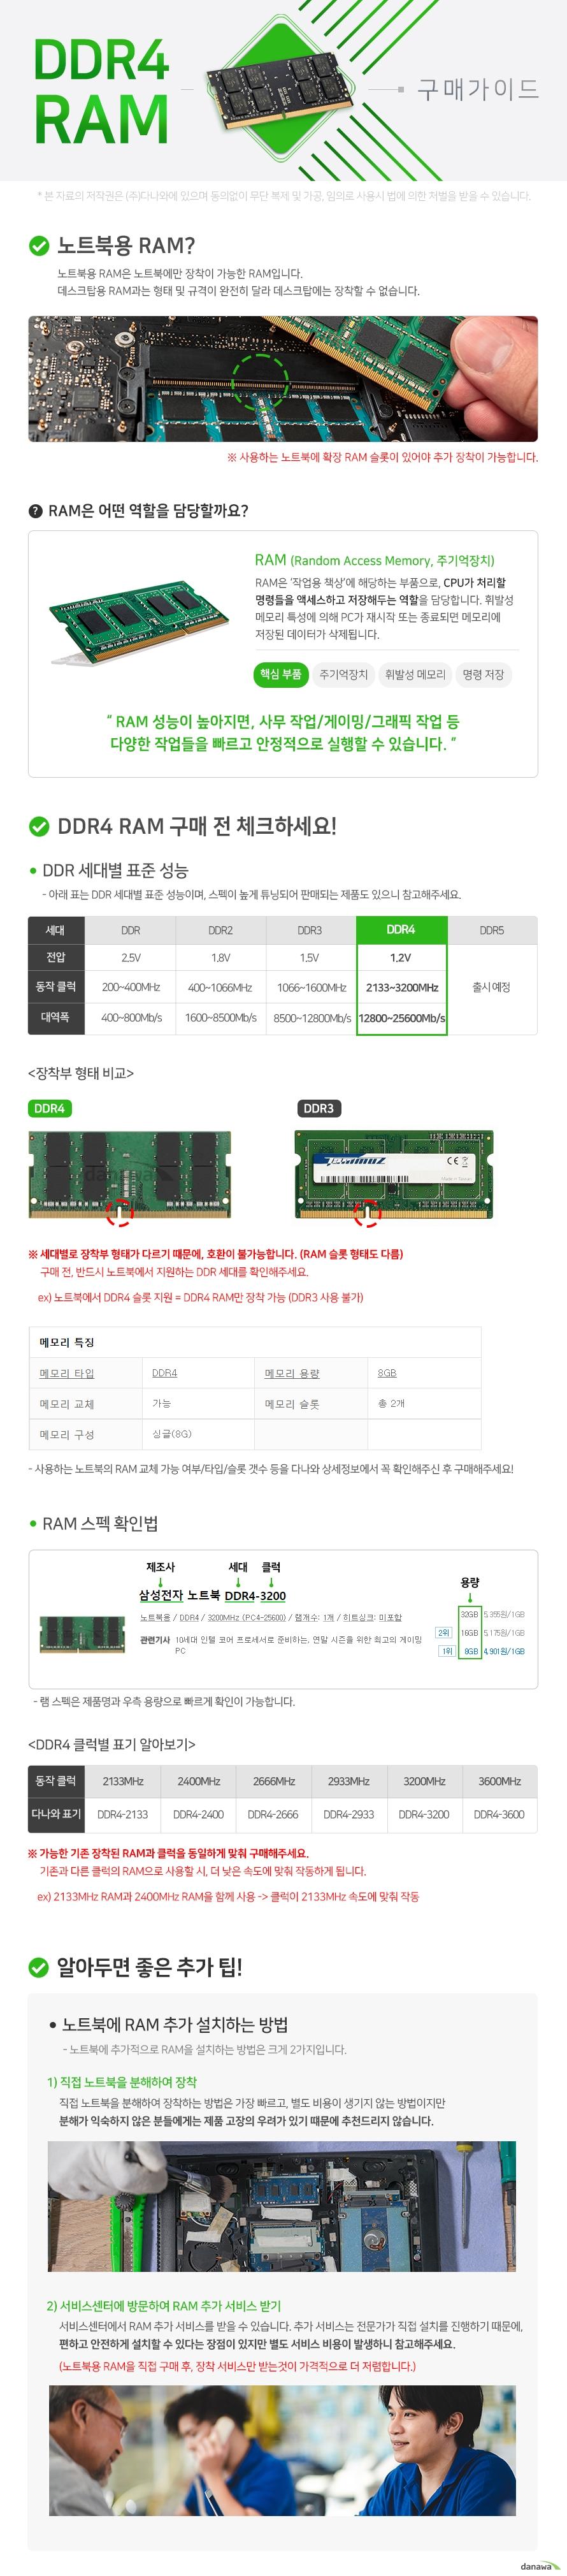 타무즈 노트북 DDR4-3200 CL22 (32GB)